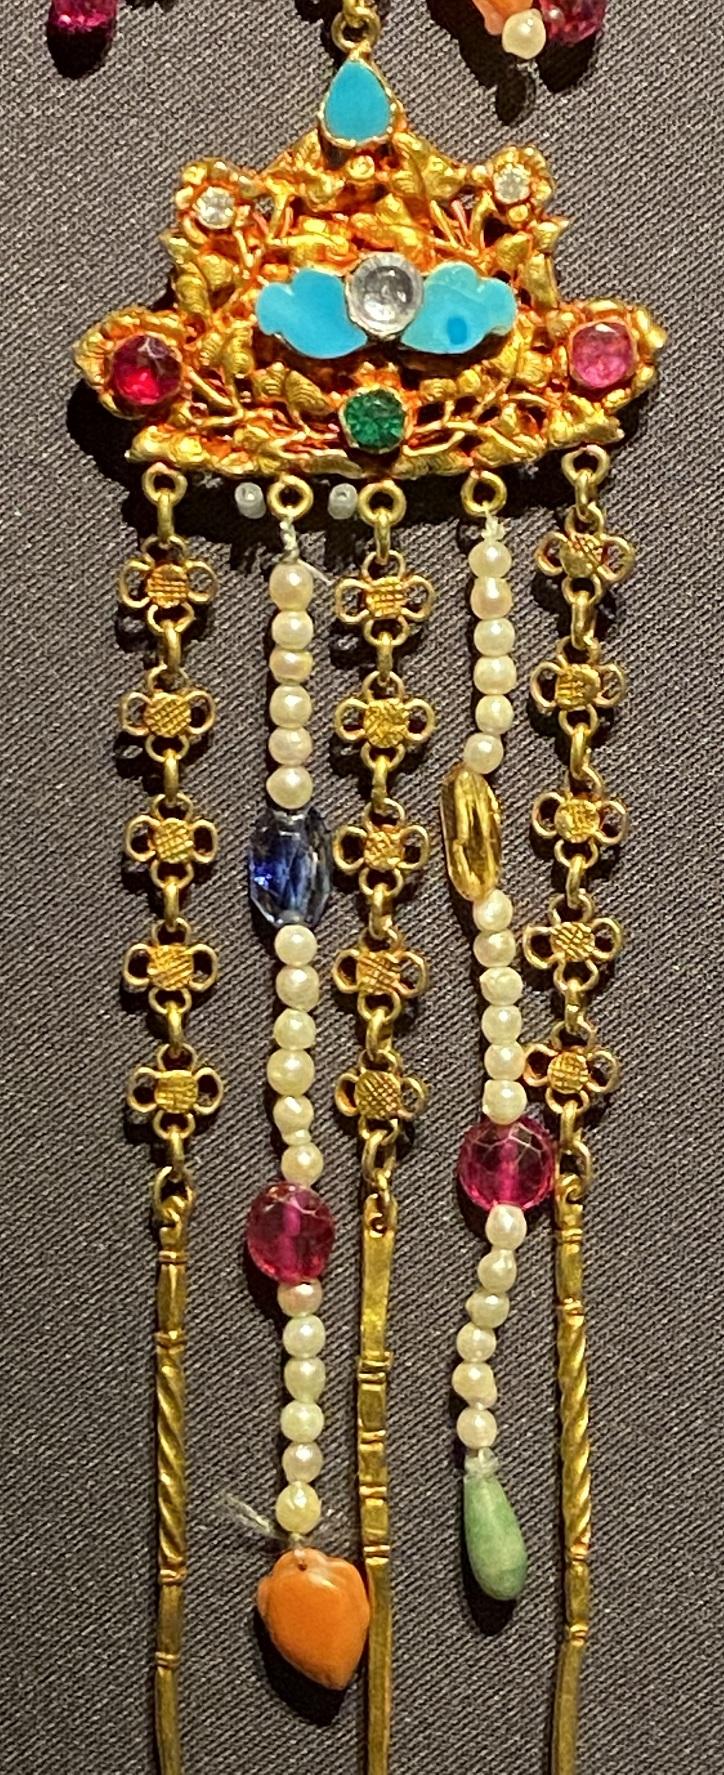 金嵌宝石女式肩飾-特別展【七宝玲瓏-ヒマラヤからの芸術珍品】-金沙遺跡博物館-成都